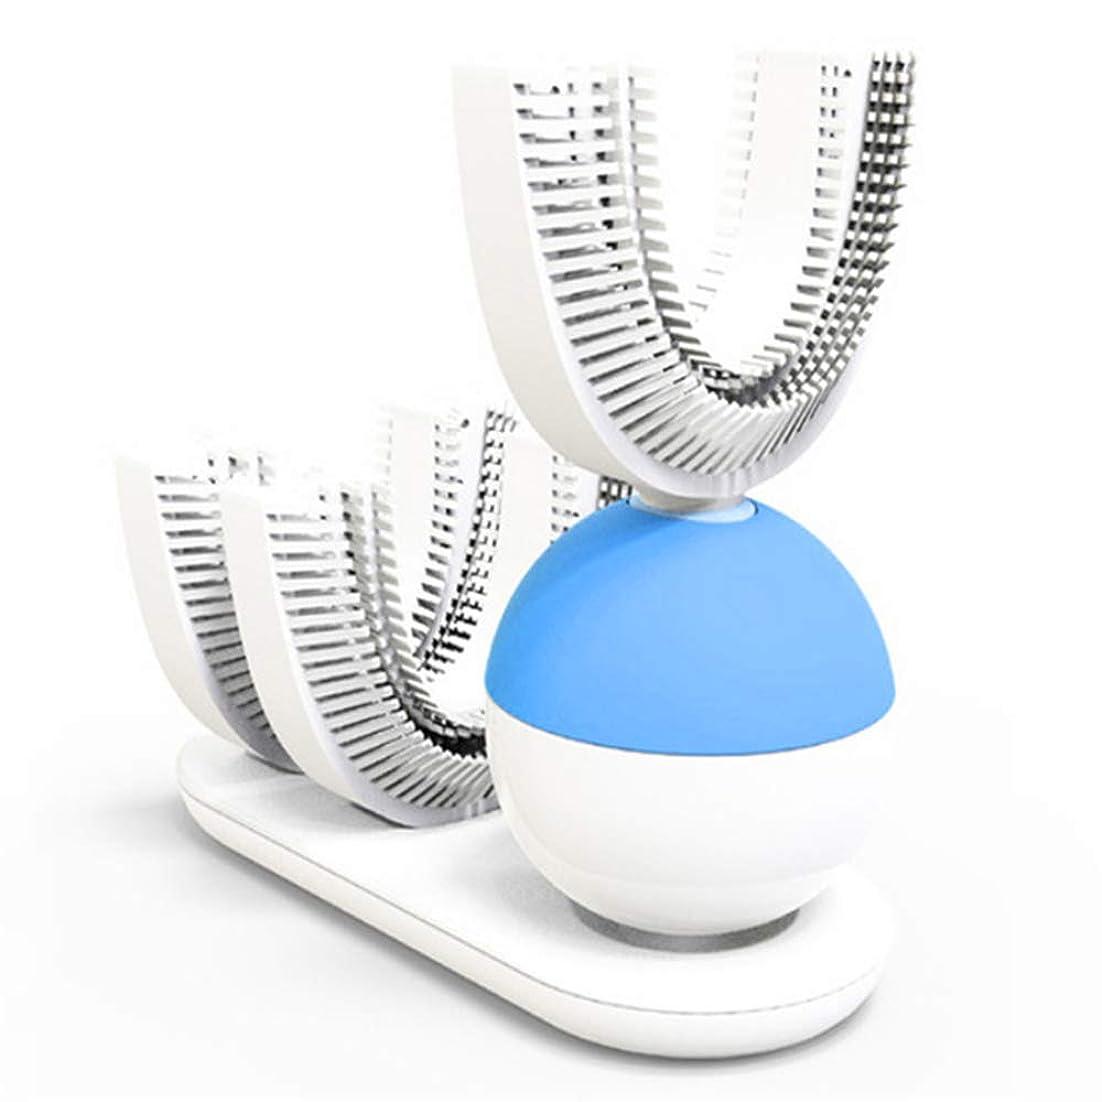 進行中財政不公平電動歯ブラシ 自動歯ブラシ U型 360°全方位 超音波 怠け者歯ブラシ ワイヤレス充電 歯ブラシヘッド付き